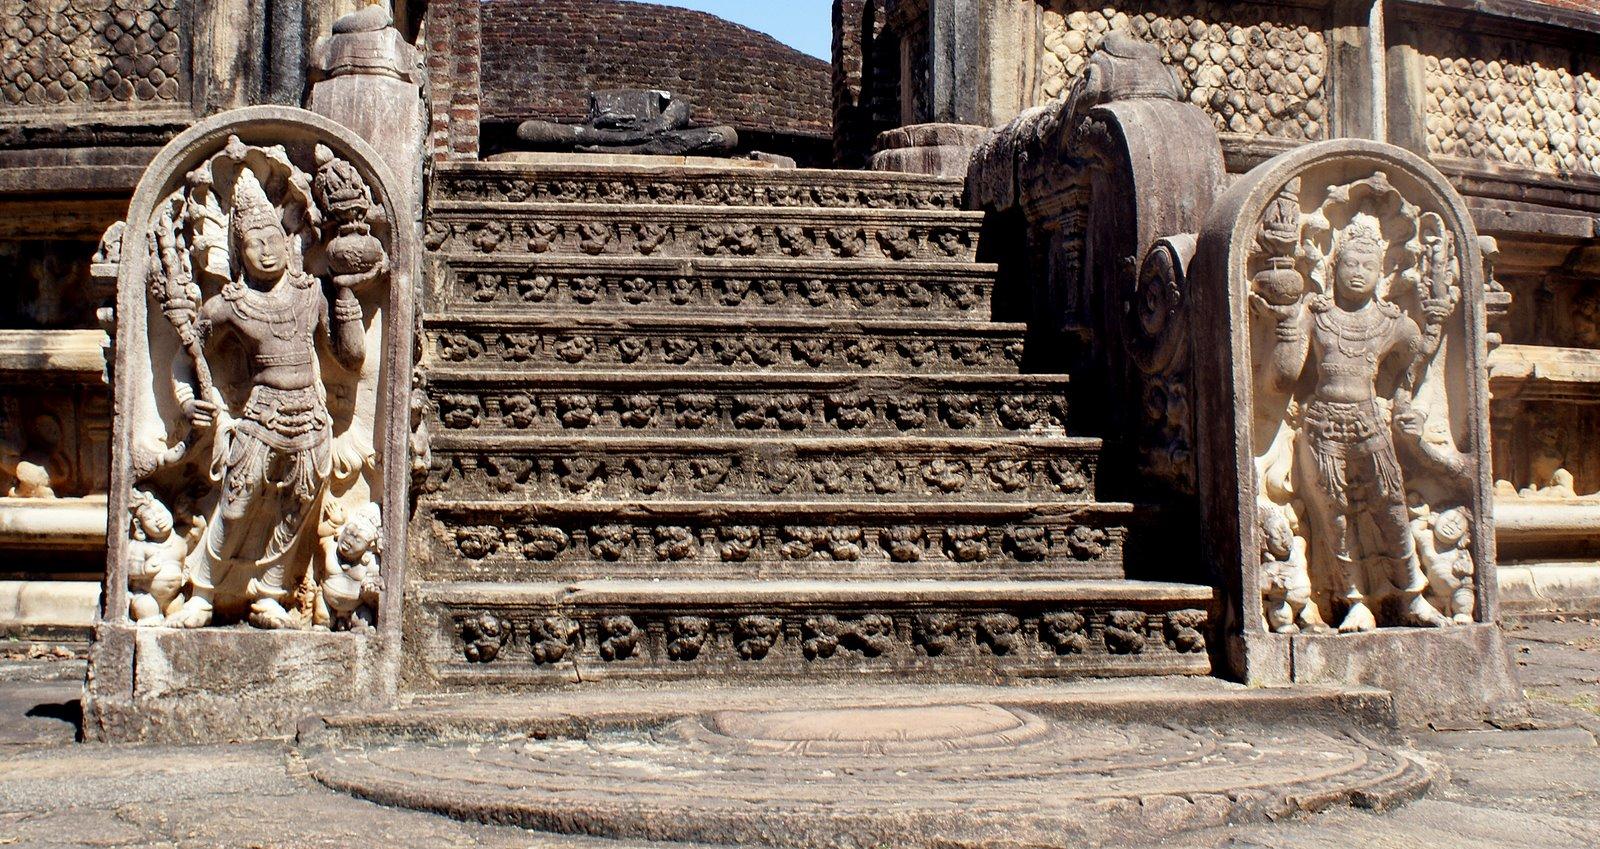 Discover srilanka stone carvings